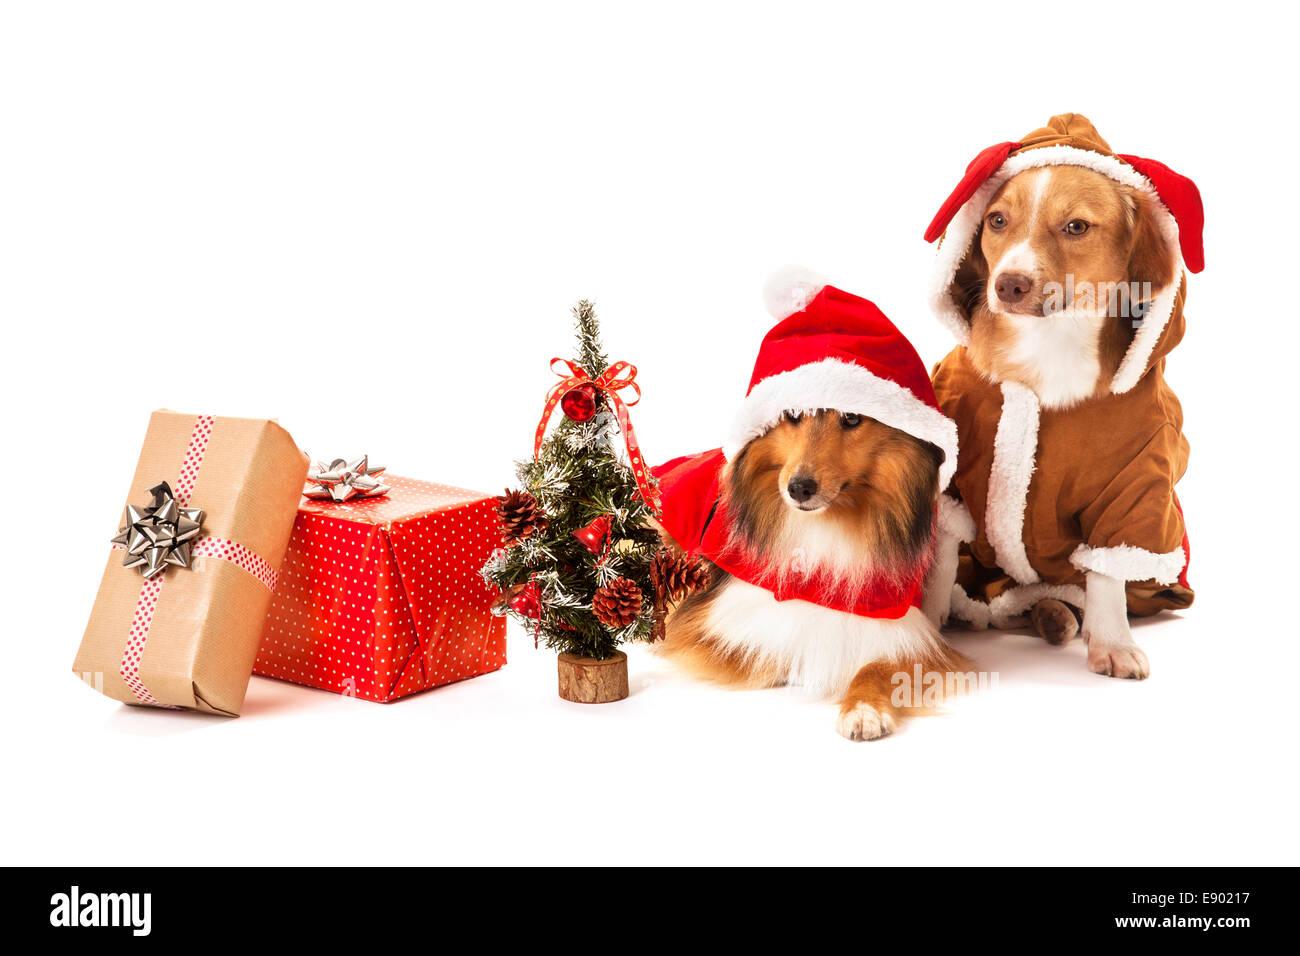 Porträt von zwei Hunden mit Weihnachten Geschenk und Miniature ...